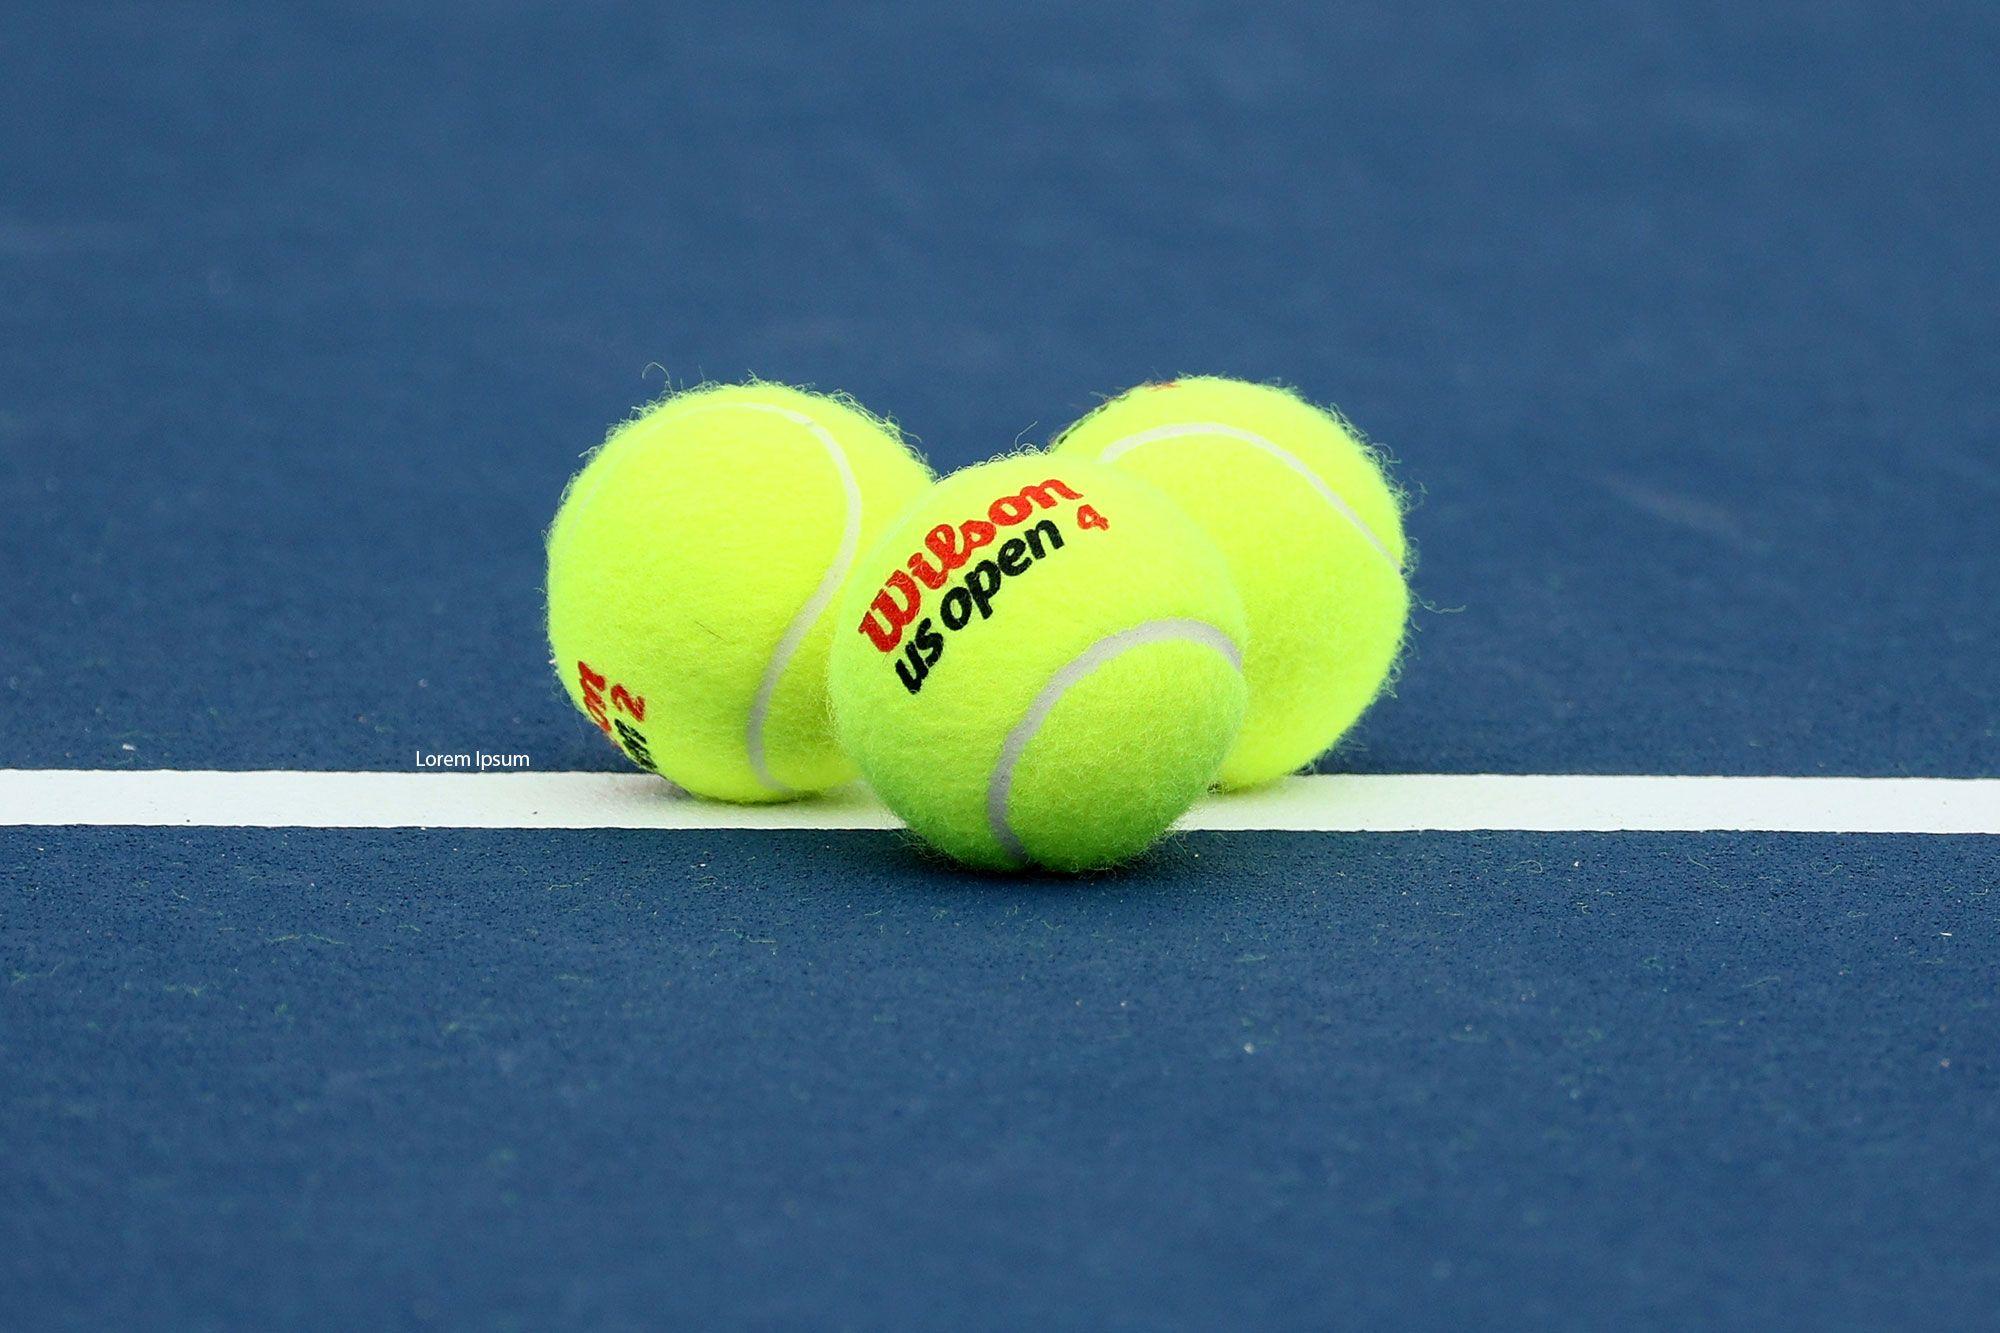 Covid-19: Αμφίβολοι δύο τενίστες  για το US Open !!